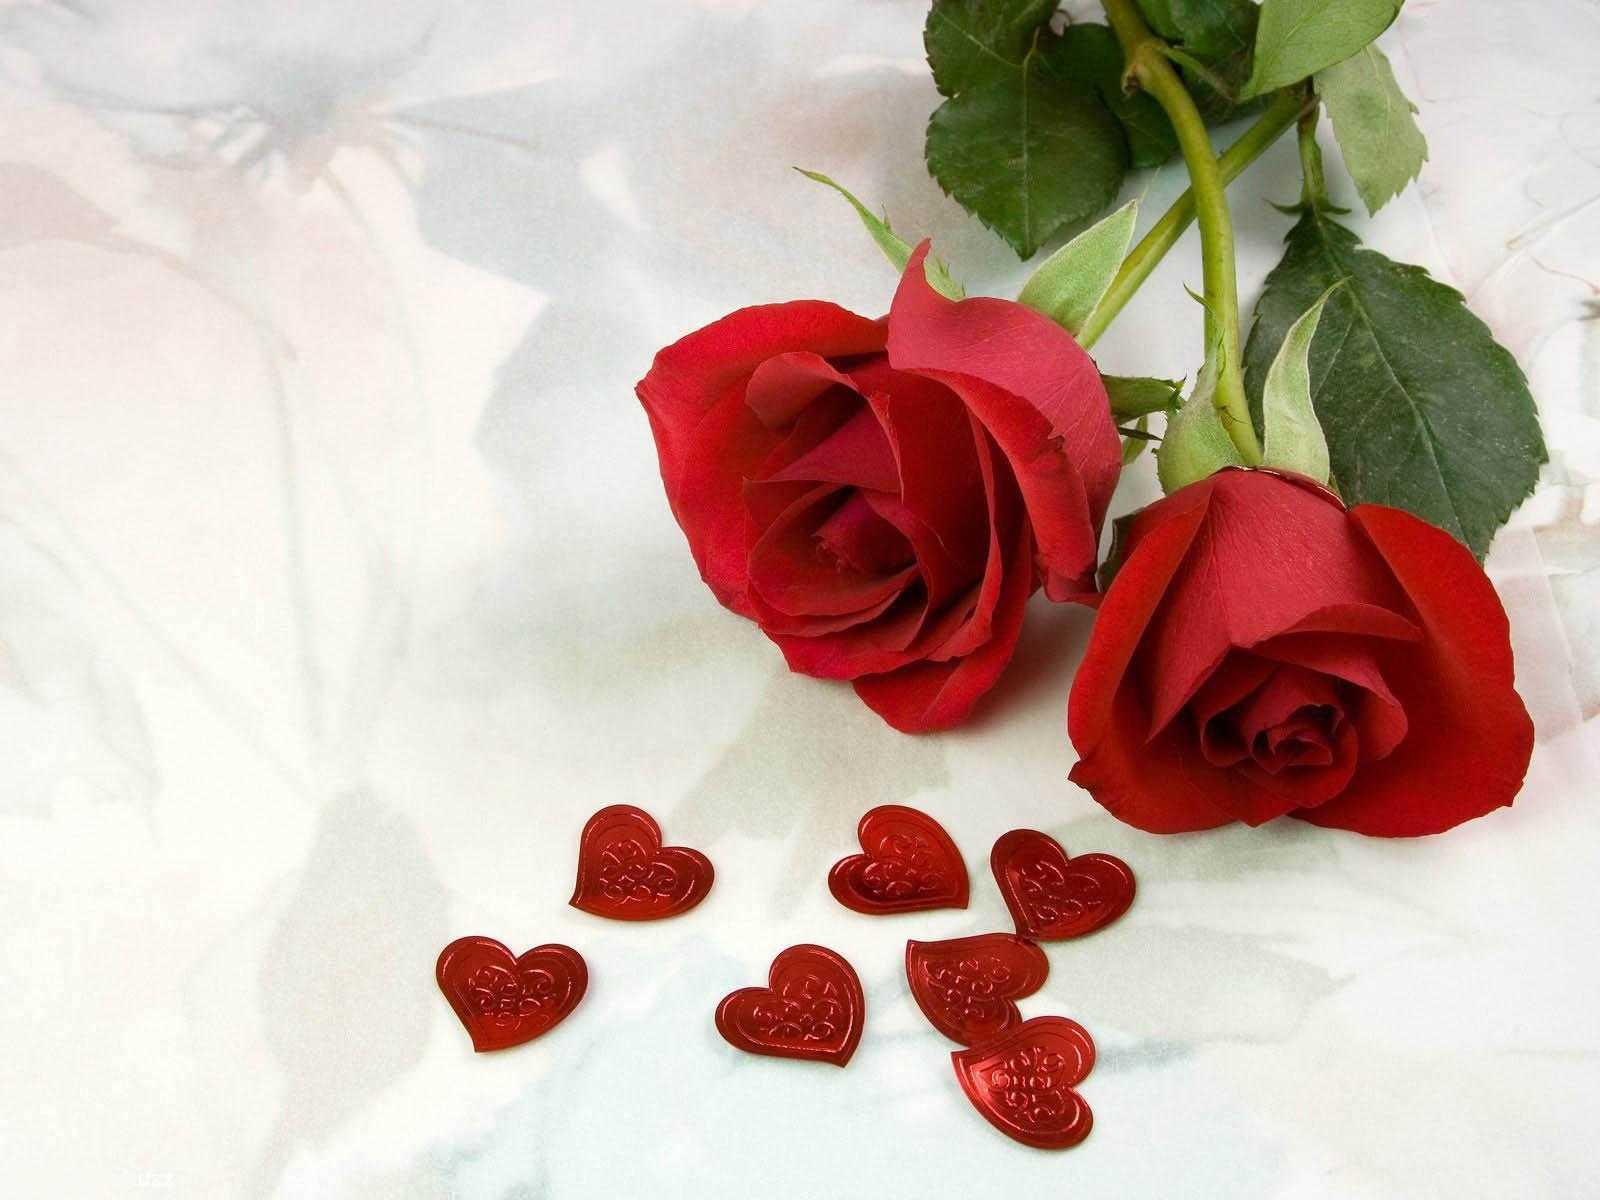 احلى صور ورد , جمال وروعة صور الورود